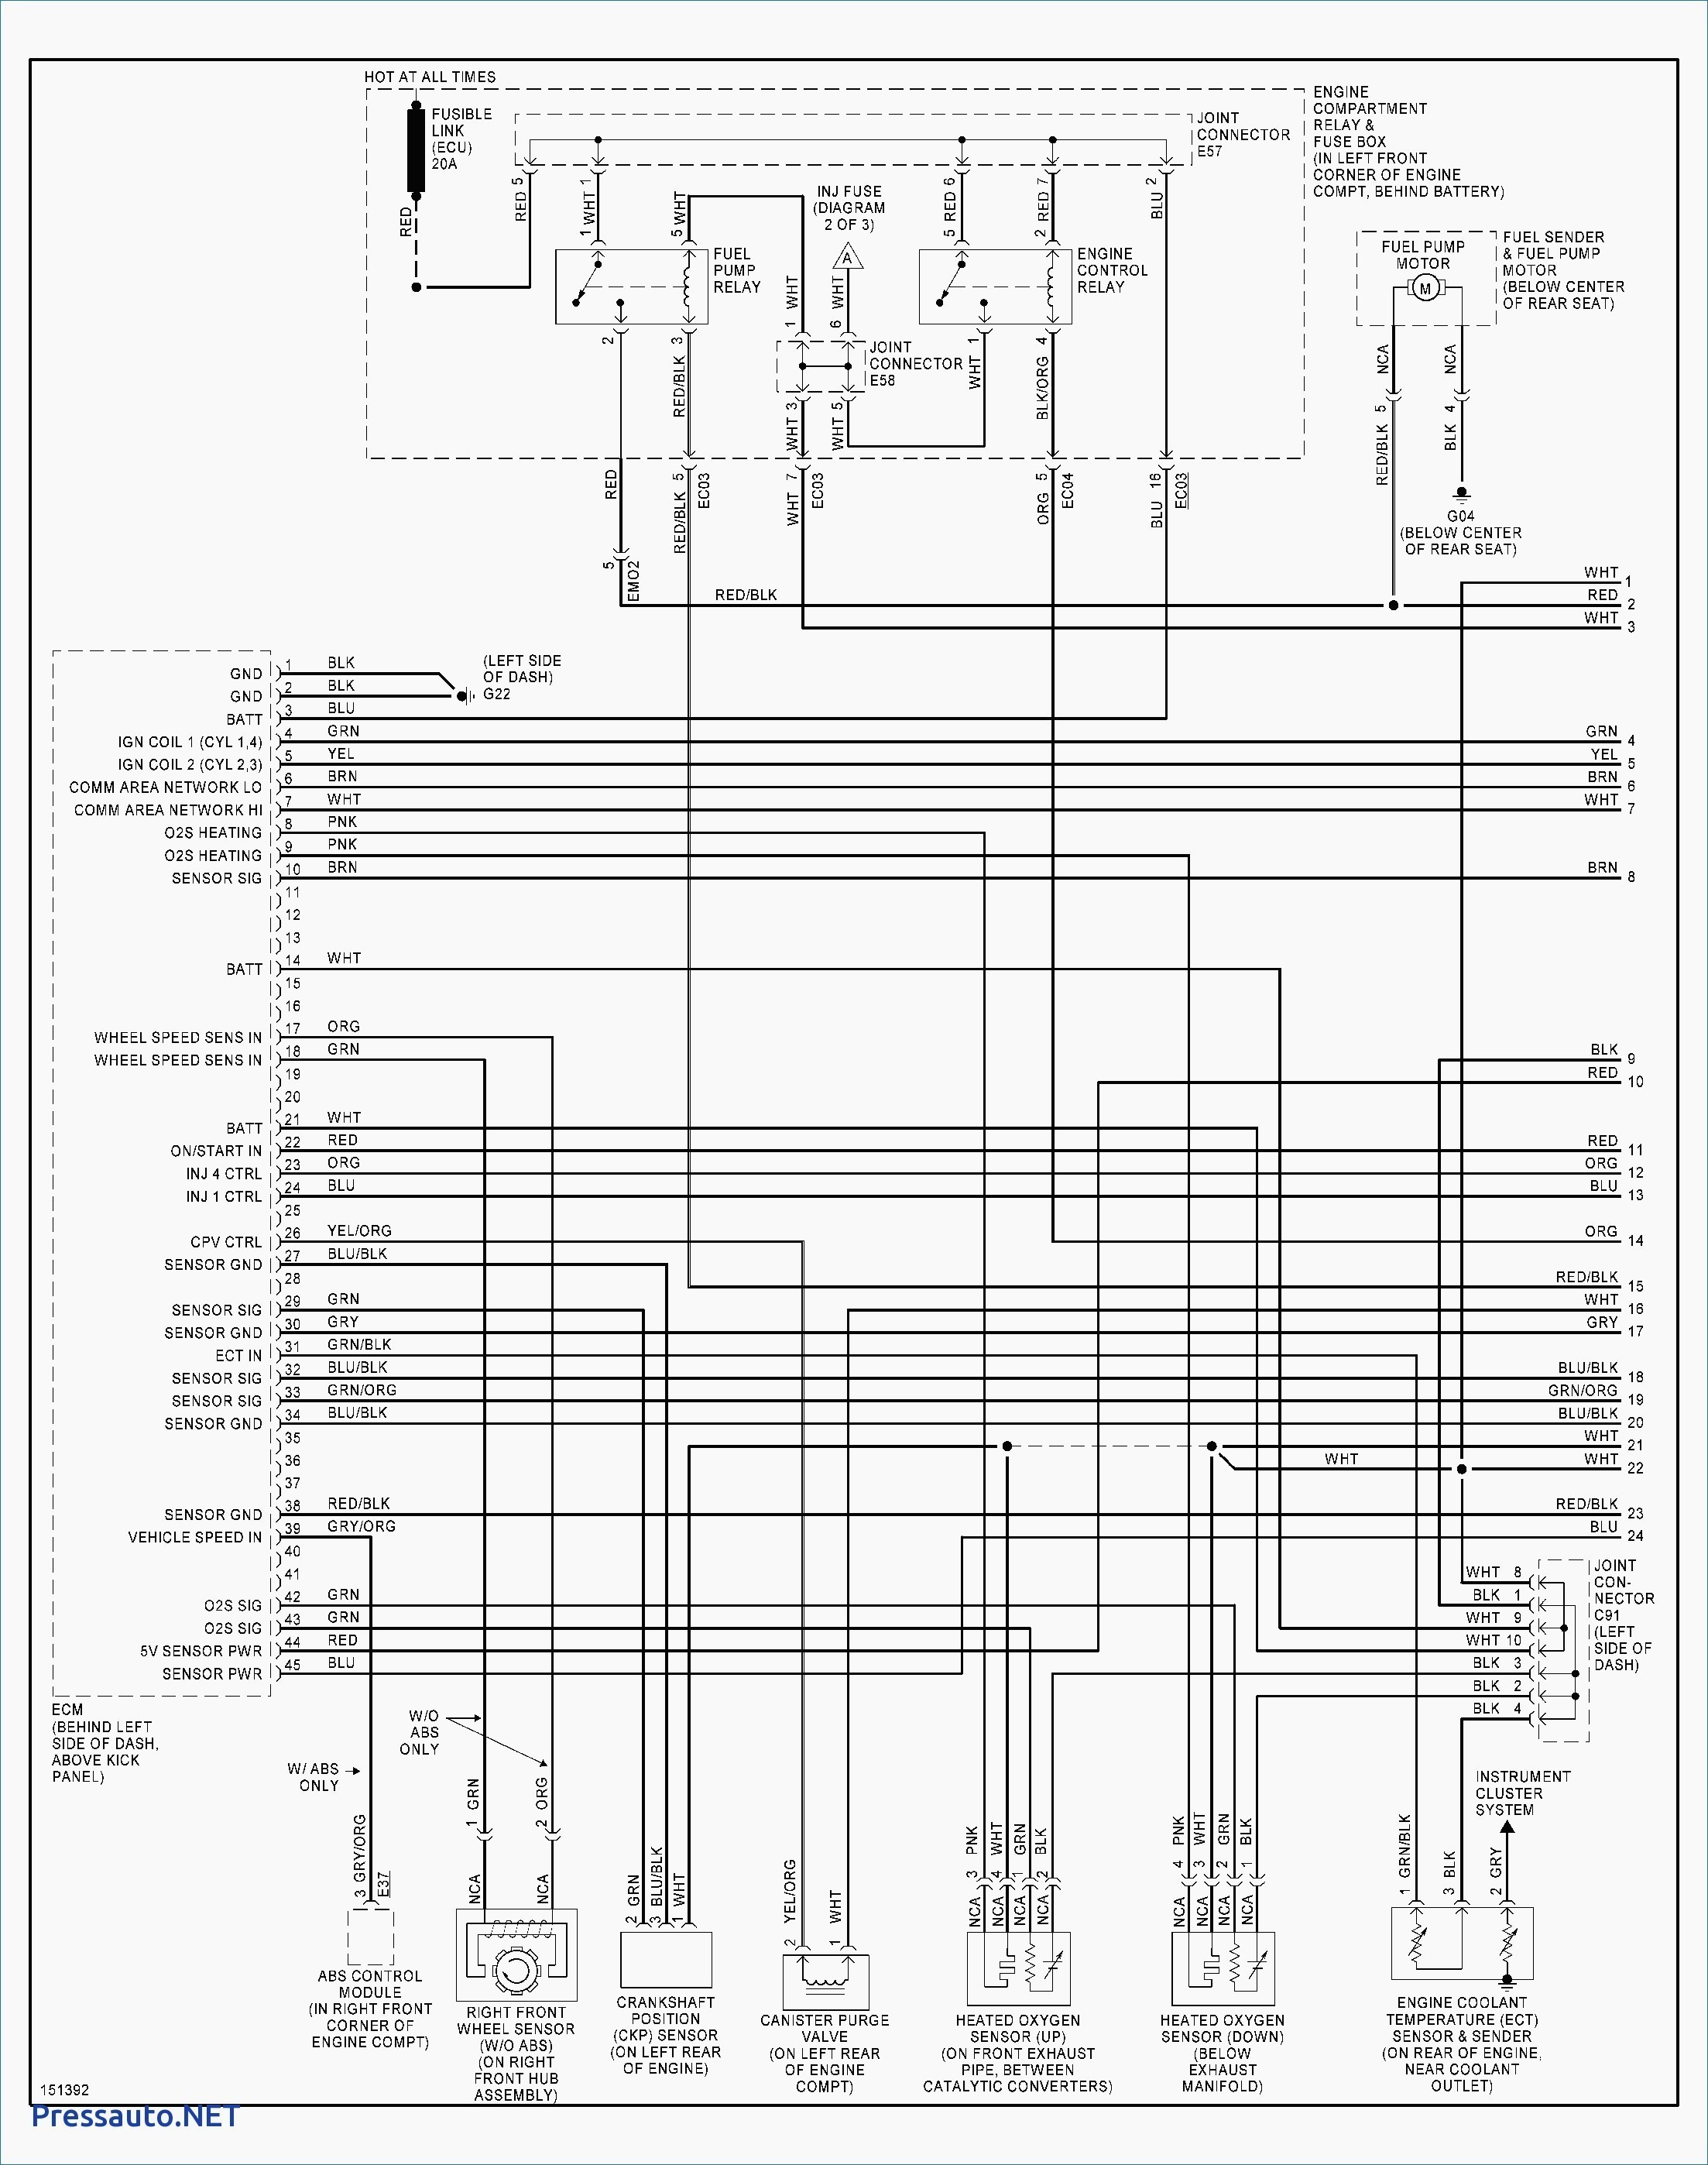 2004 Hyundai sonata Engine Diagram 2004 Hyundai sonata Engine Diagram Of 2004 Hyundai sonata Engine Diagram